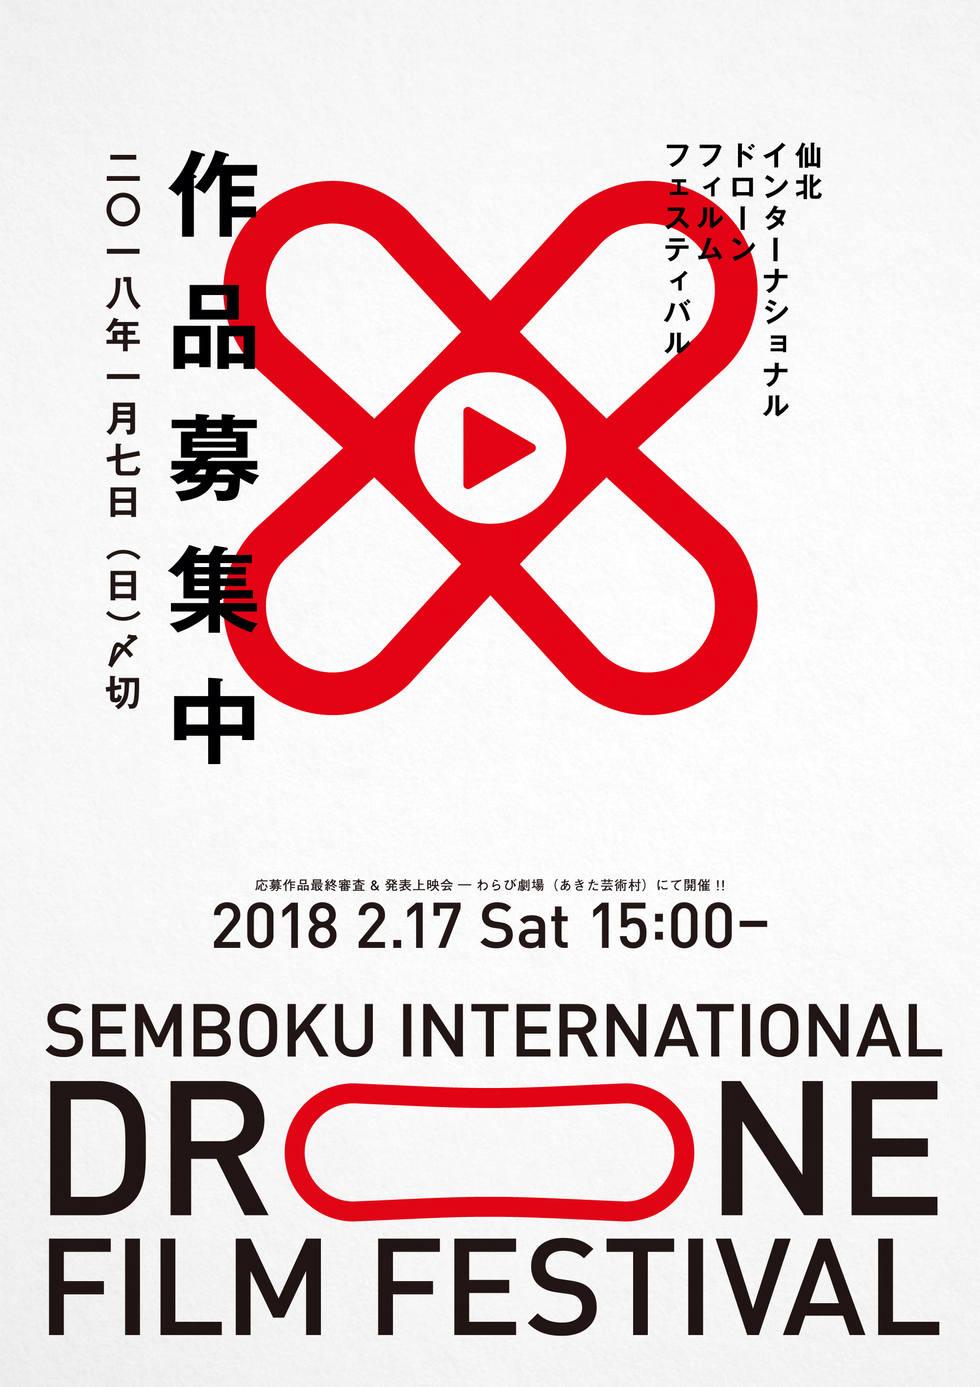 仙北インターナショナルドローンフィルムフェスティバルのロゴとポスター